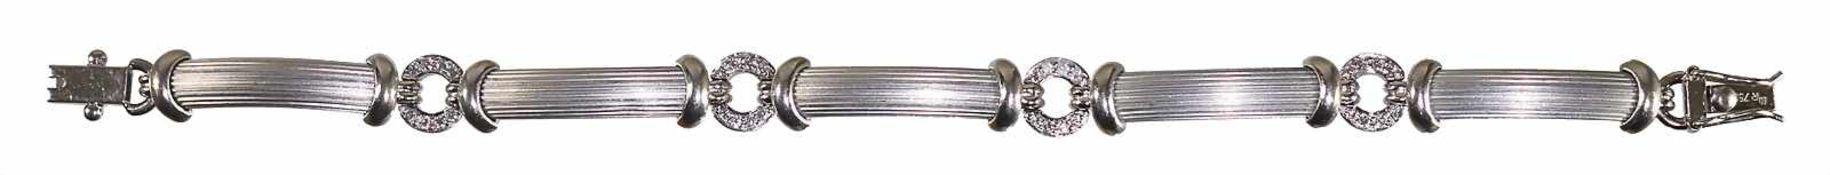 Armband, WG 750/000, sig.: MR, 32 Brillanten ca.0,35 ct tw-vsi, die Brillanten sind in